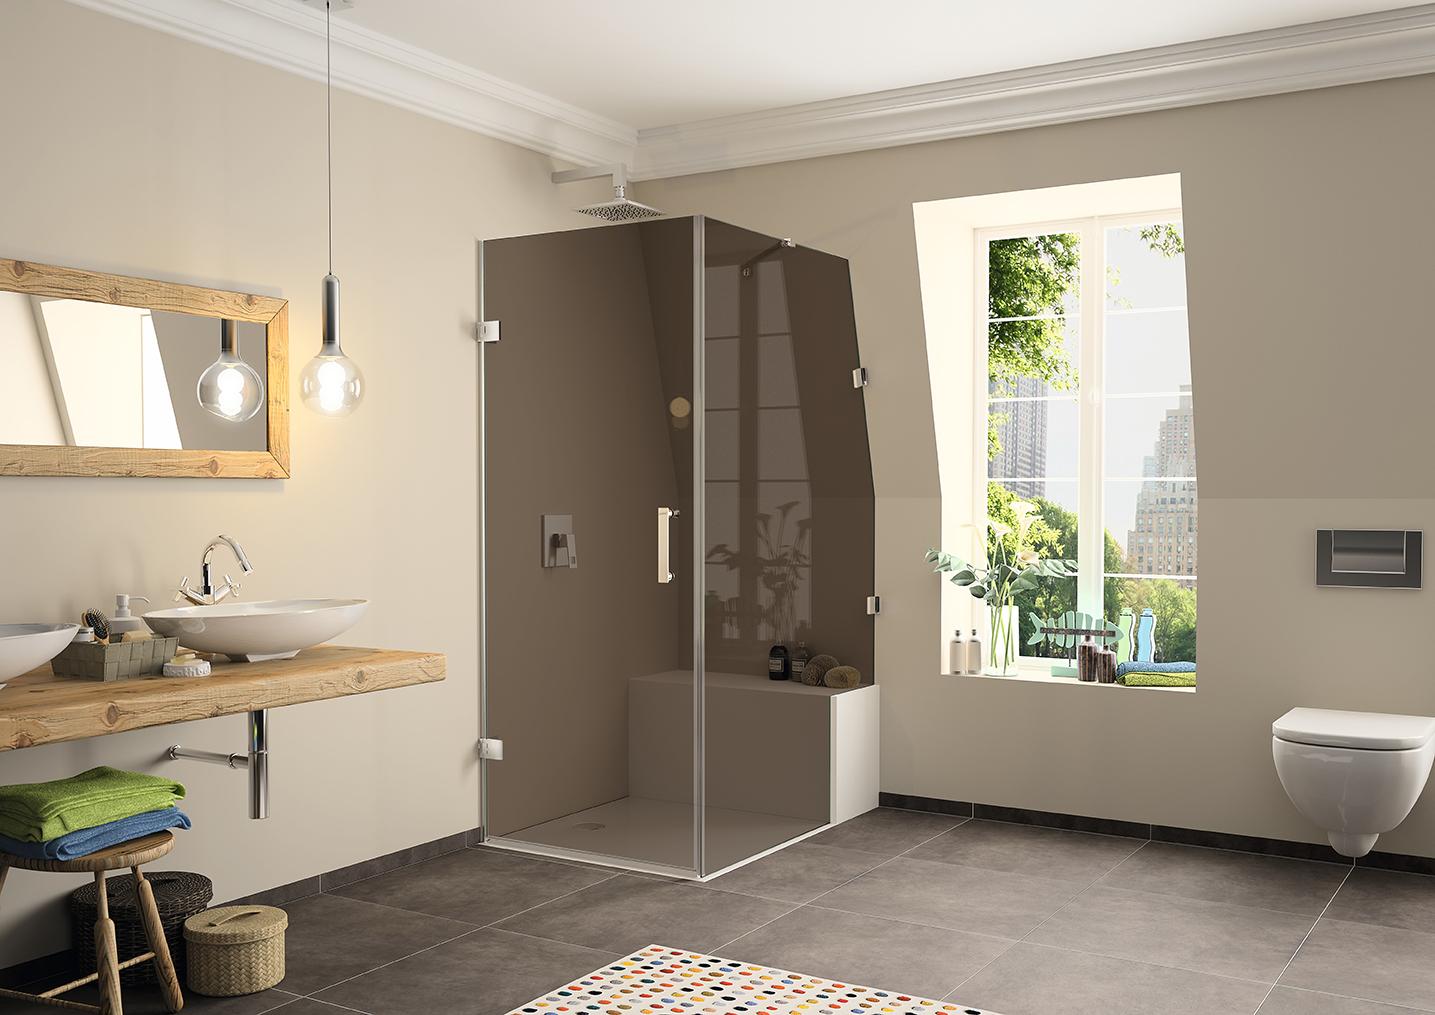 Full Size of Hüppe Duschen Duschkabinen Hsk Sprinz Kaufen Schulte Werksverkauf Moderne Dusche Bodengleiche Begehbare Breuer Dusche Hüppe Duschen